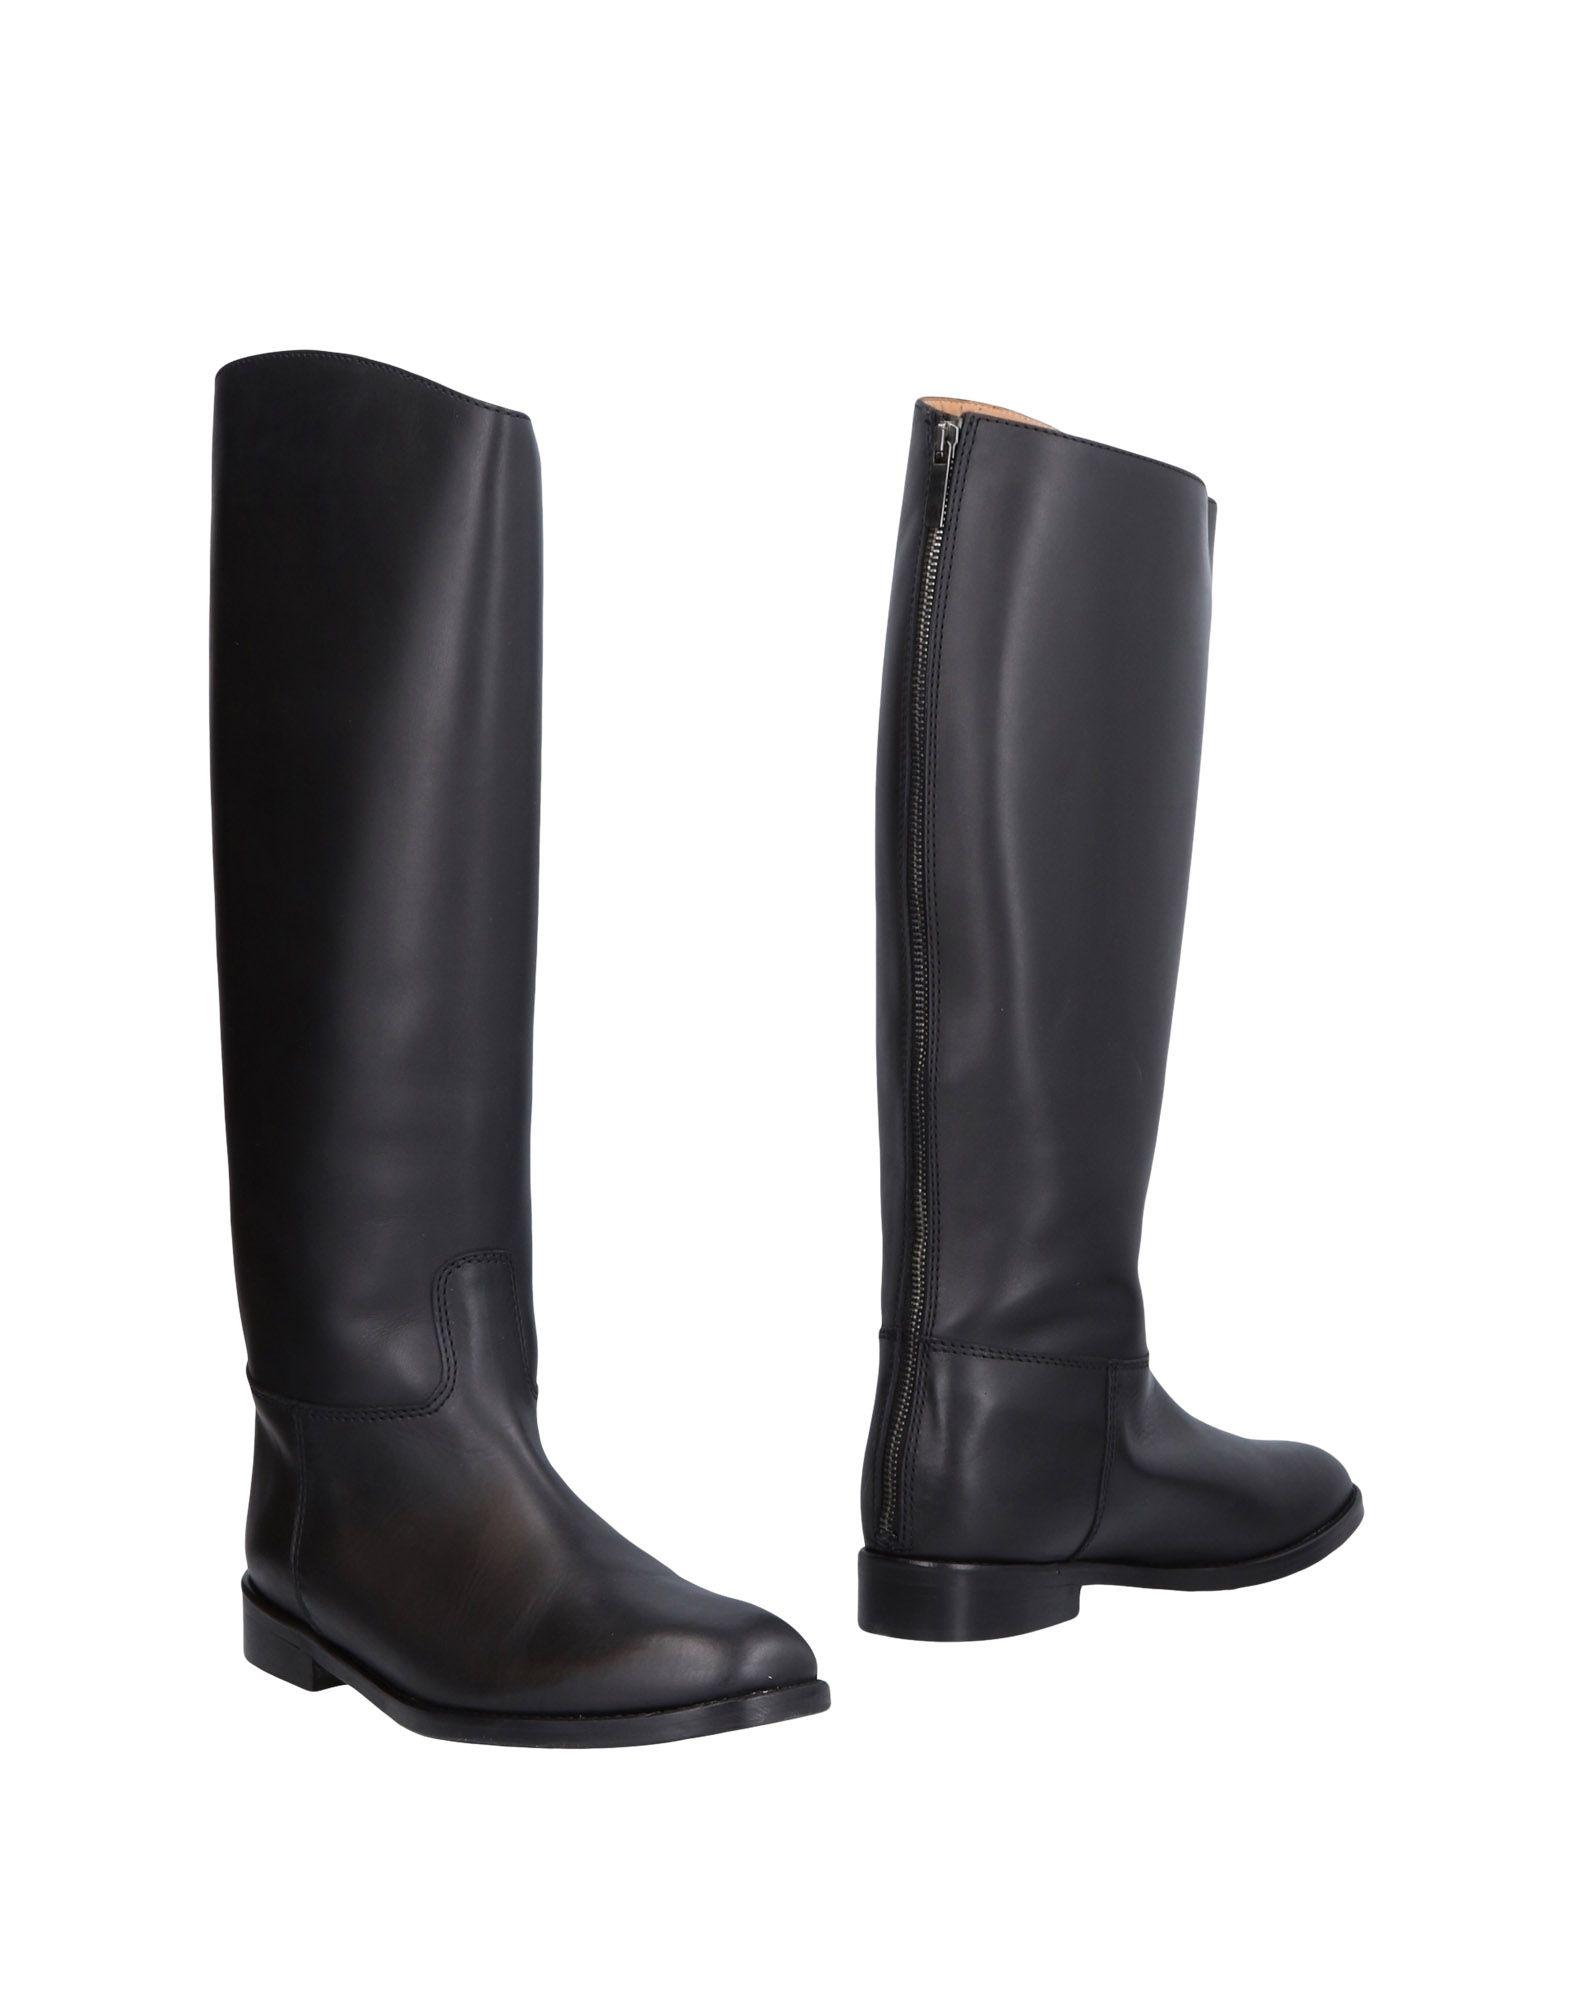 Liviana Conti Stiefel Damen  11454798HNGut aussehende strapazierfähige Schuhe